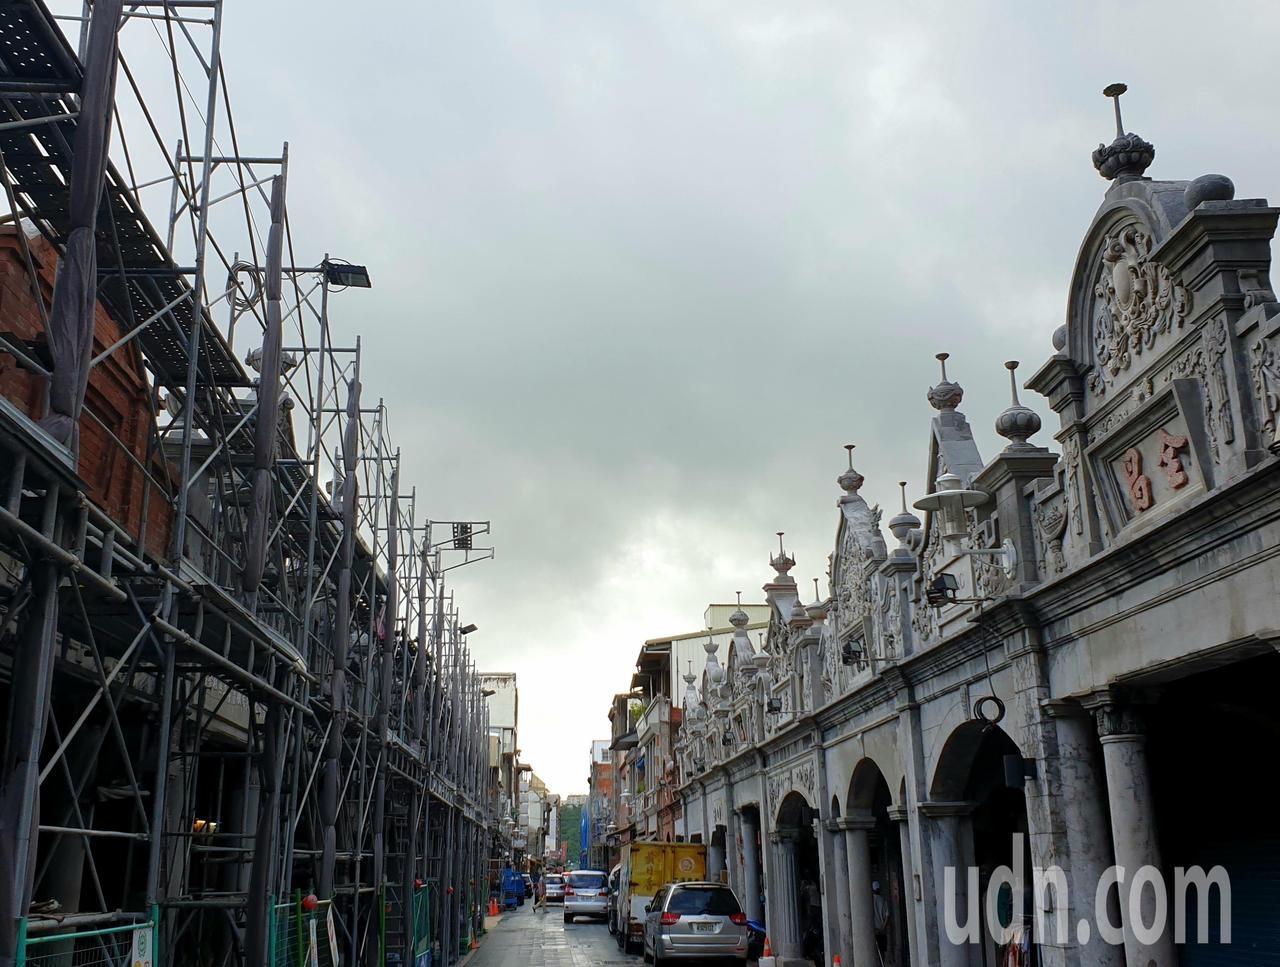 文化局表示和平老街中段的鷹架近日會拆除。記者鄭國樑/攝影